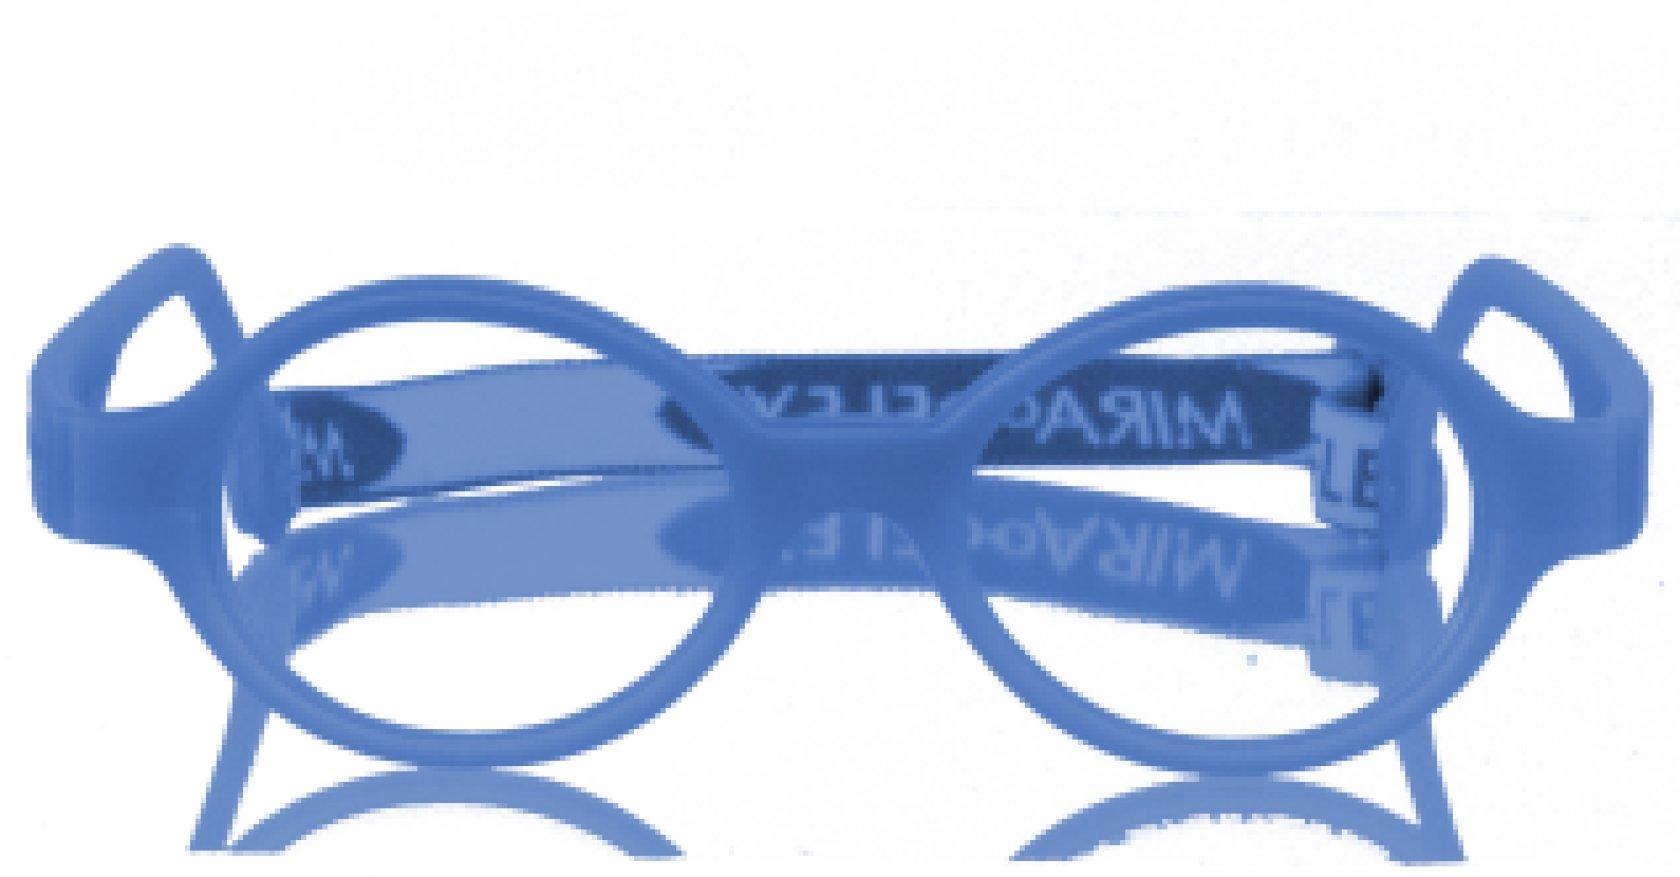 imagen miniatura frontal de la referencia 1002500